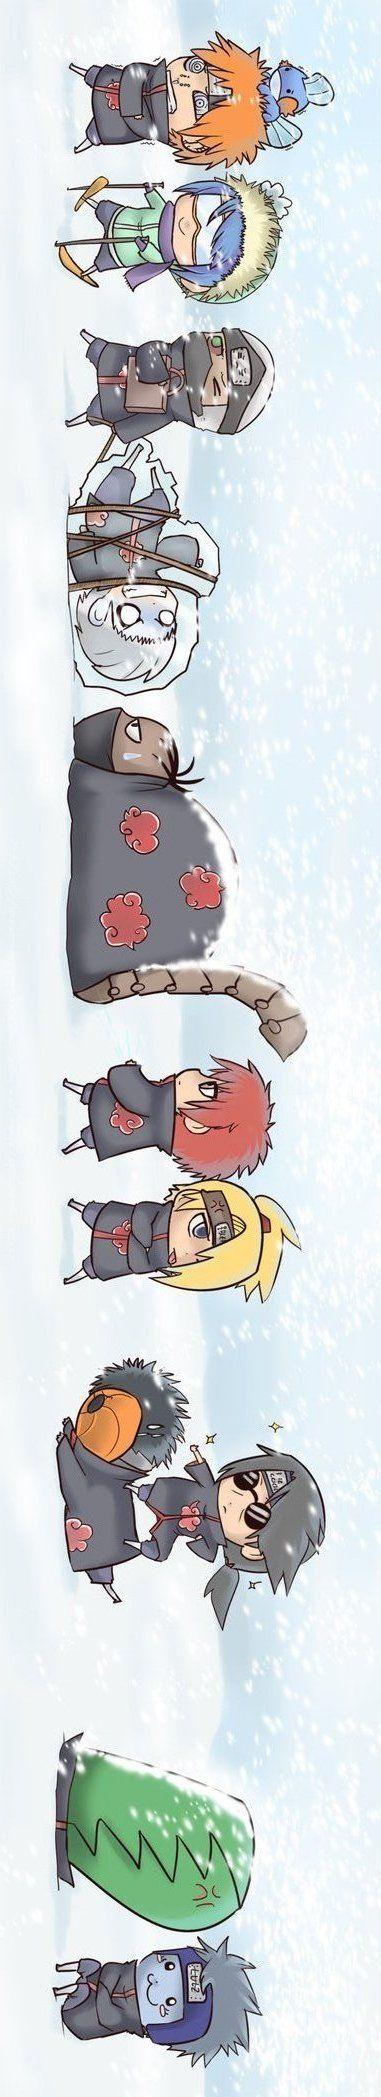 Olha a tropa!! pera tem em pokemon em sima da cabeça do pain